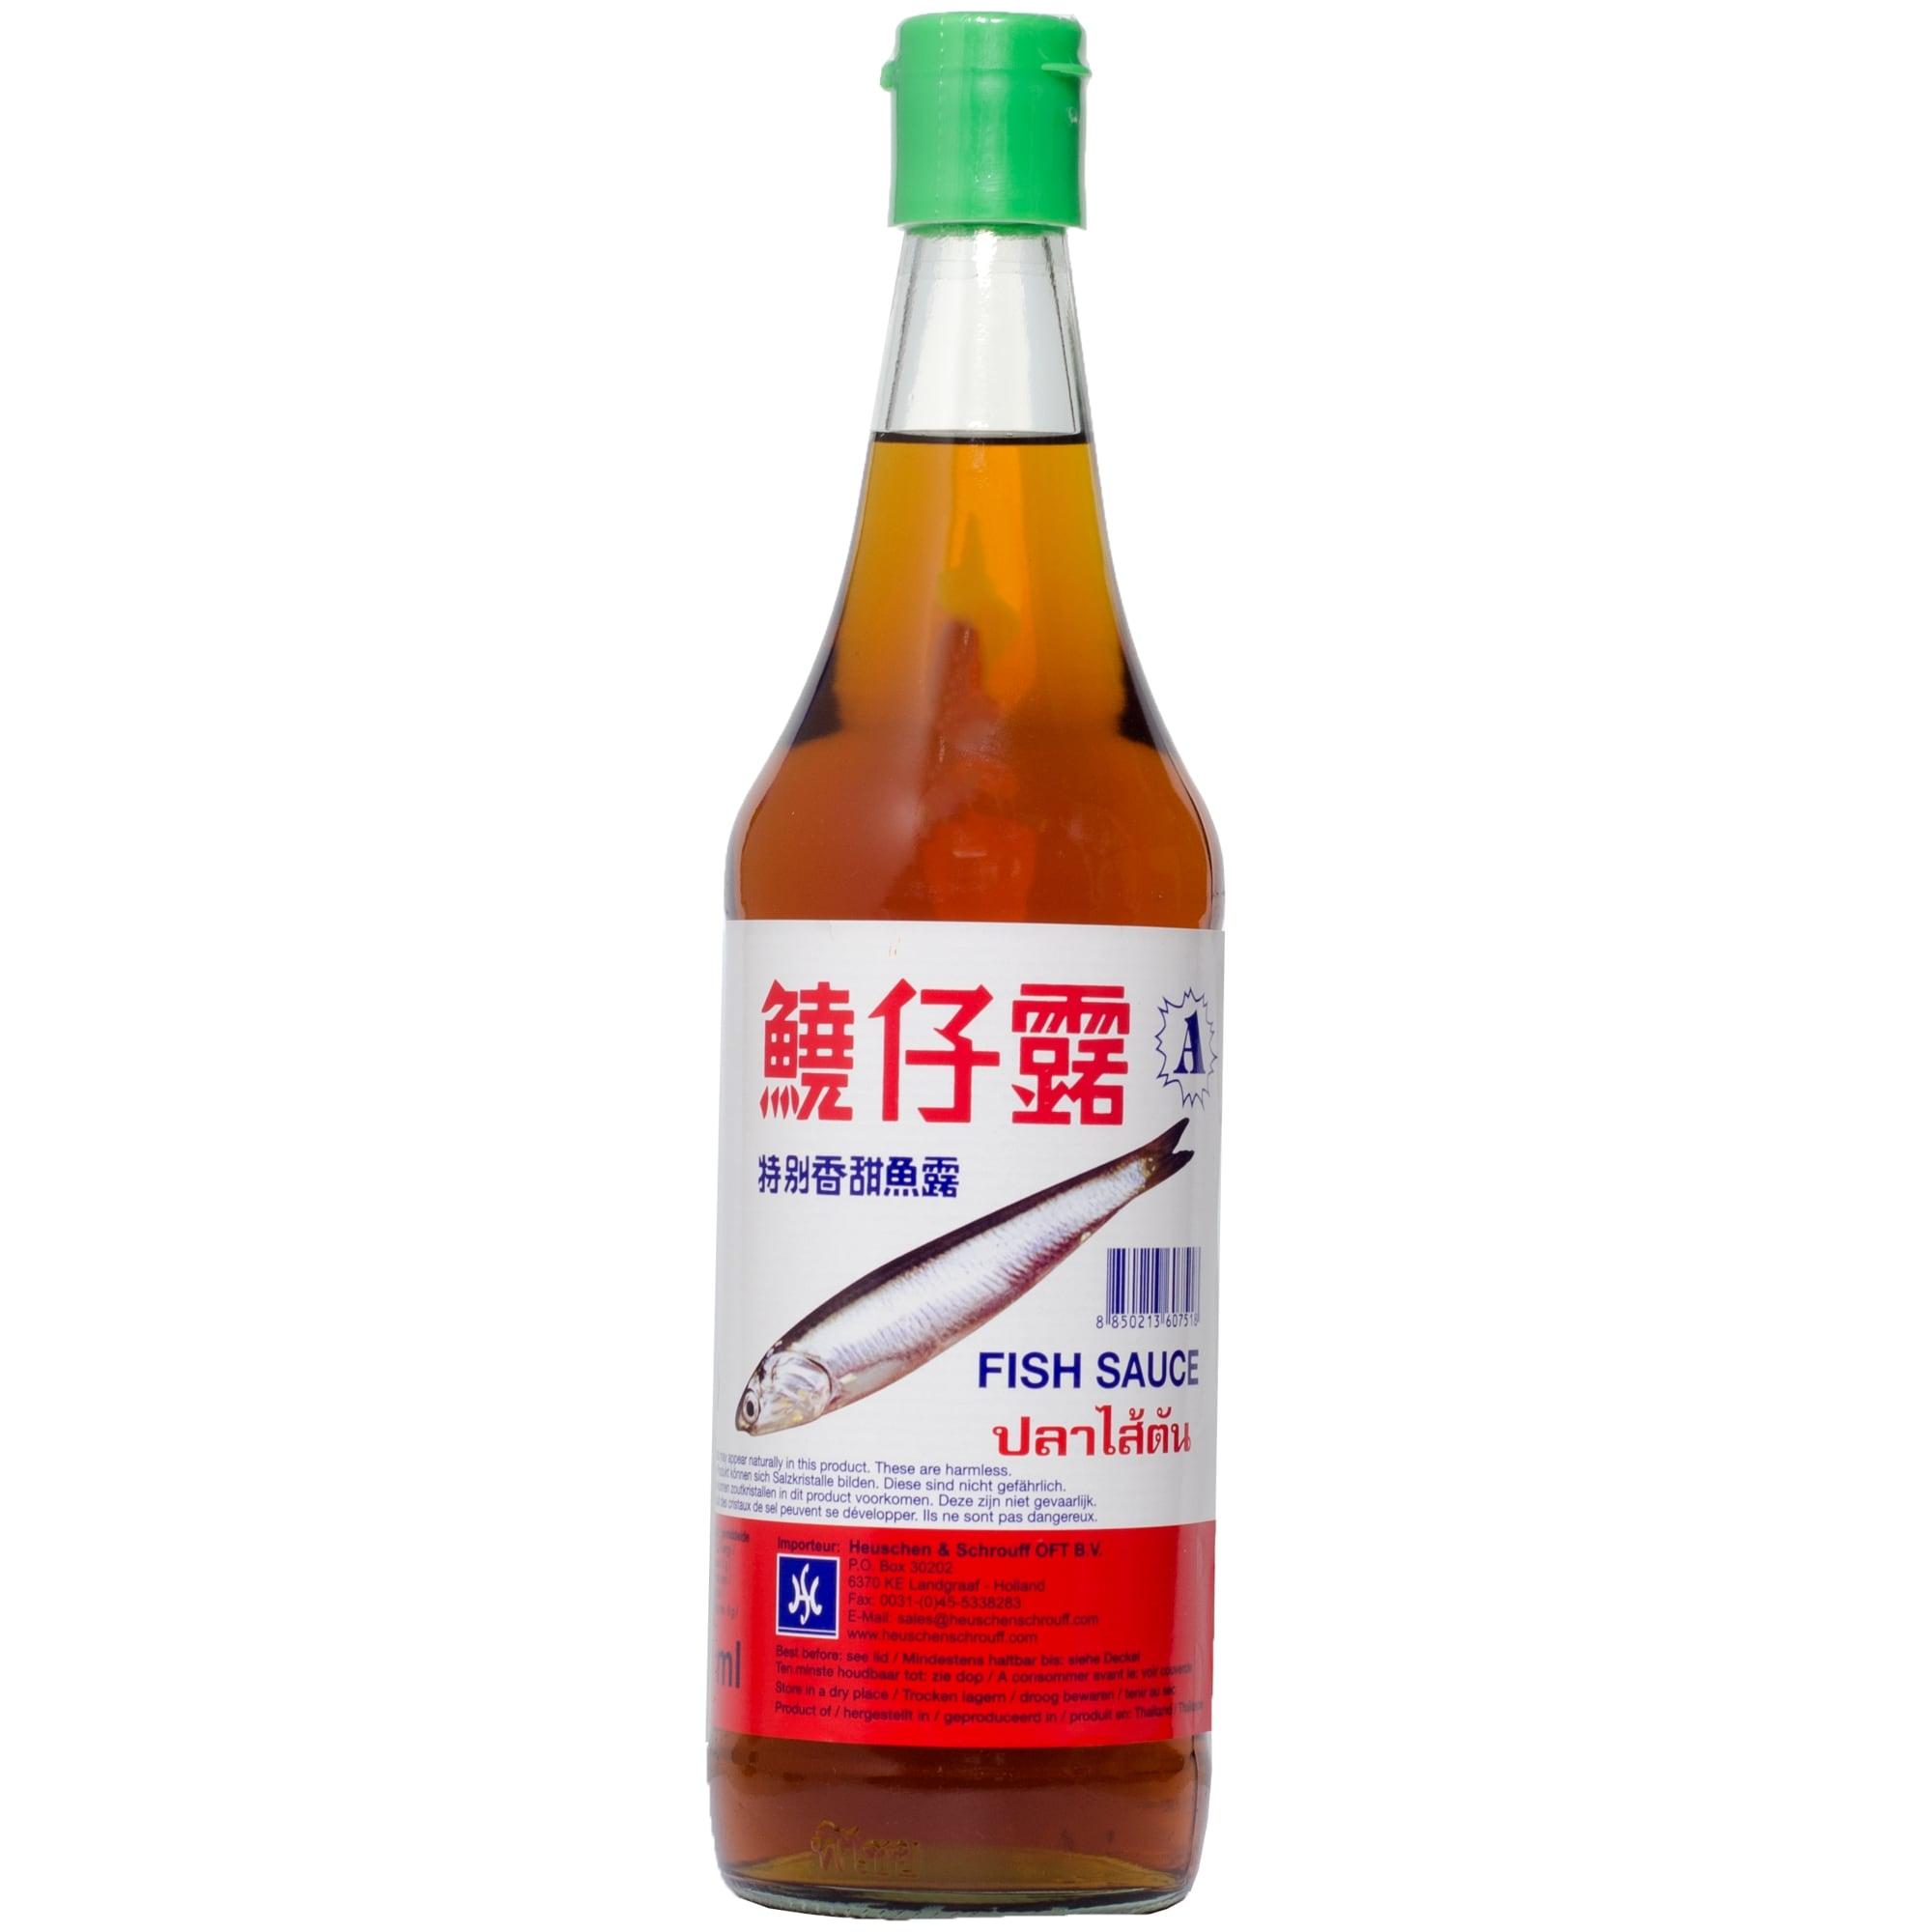 Ca Com Fischsauce rotes Label 0,7l